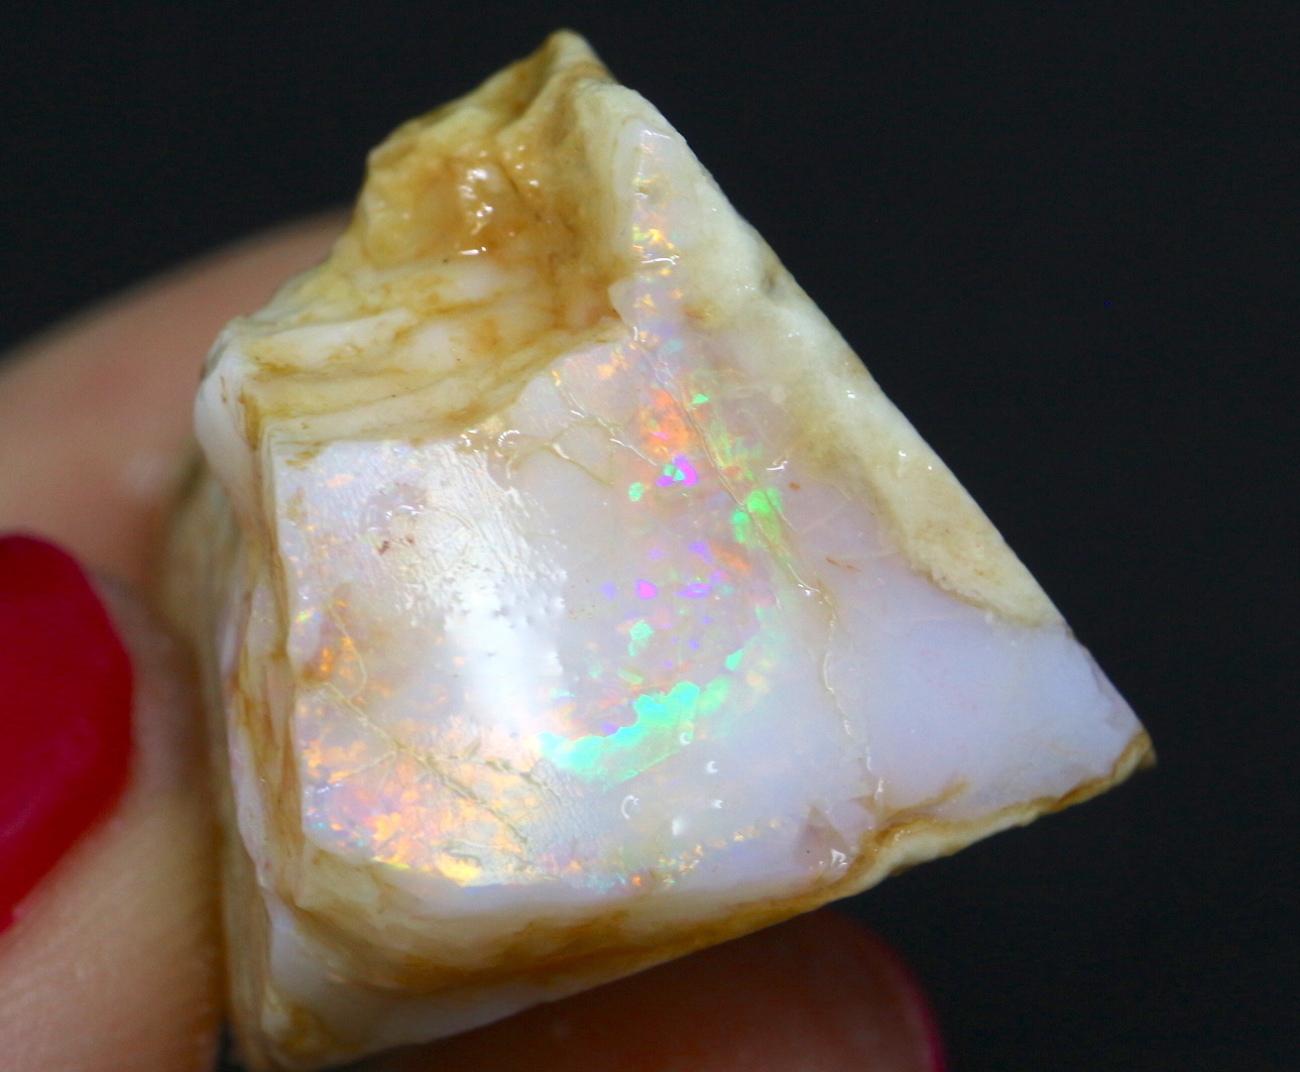 スペンサーオパール アイダホ産 9,9g SCO031 原石 鉱物 天然石 パワーストーン